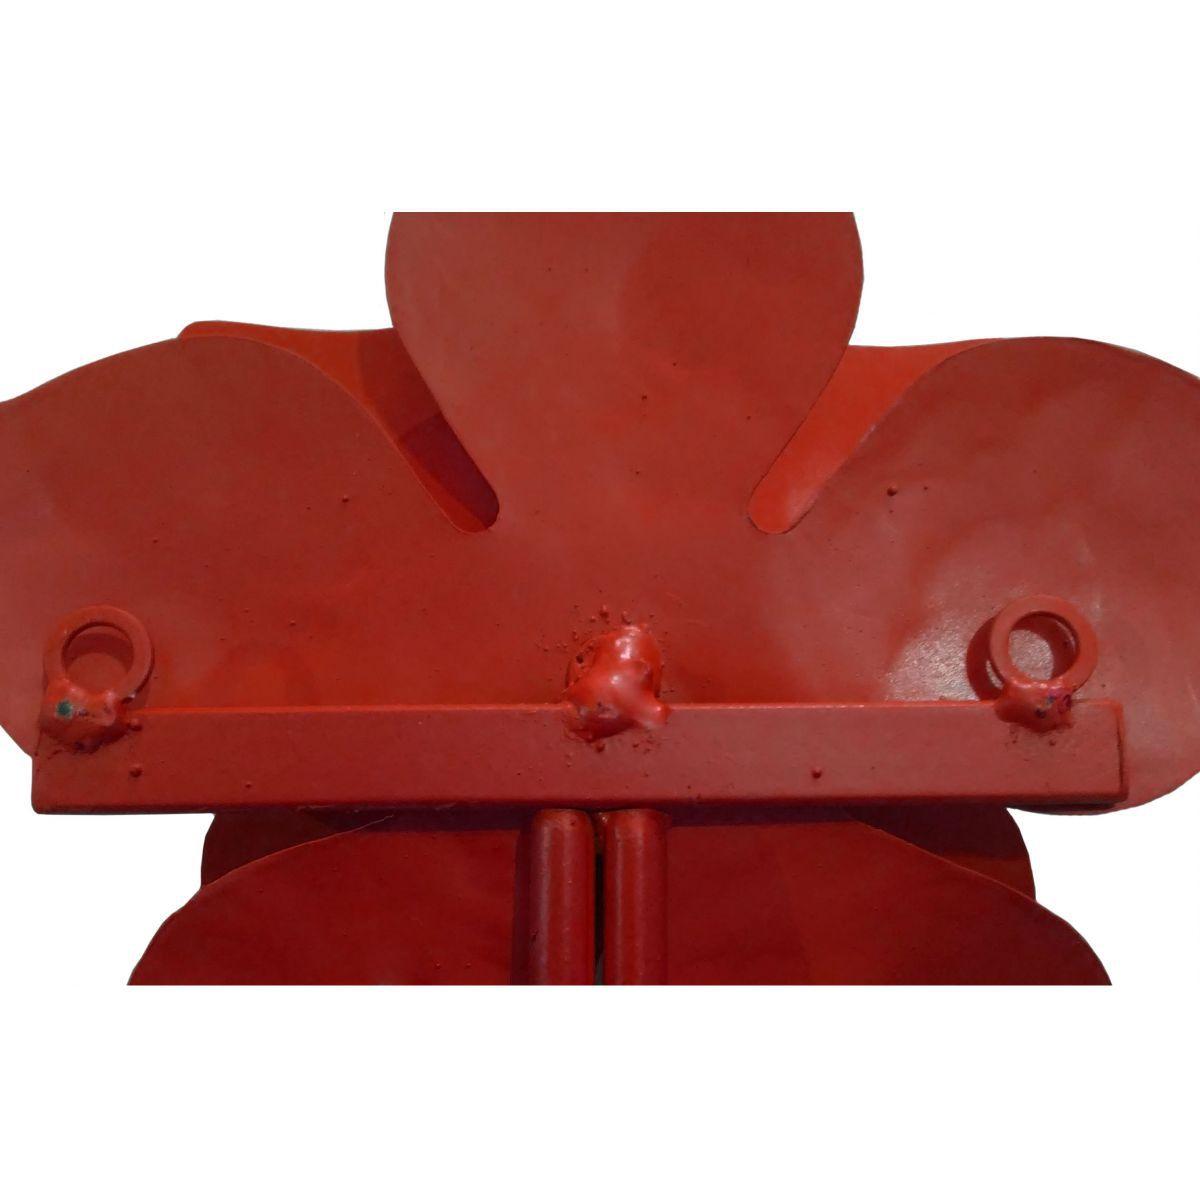 Cabide de Ferro Para Toalhas e Panos Cozinha e Banheiro Artesanal de Ferro com Rosa